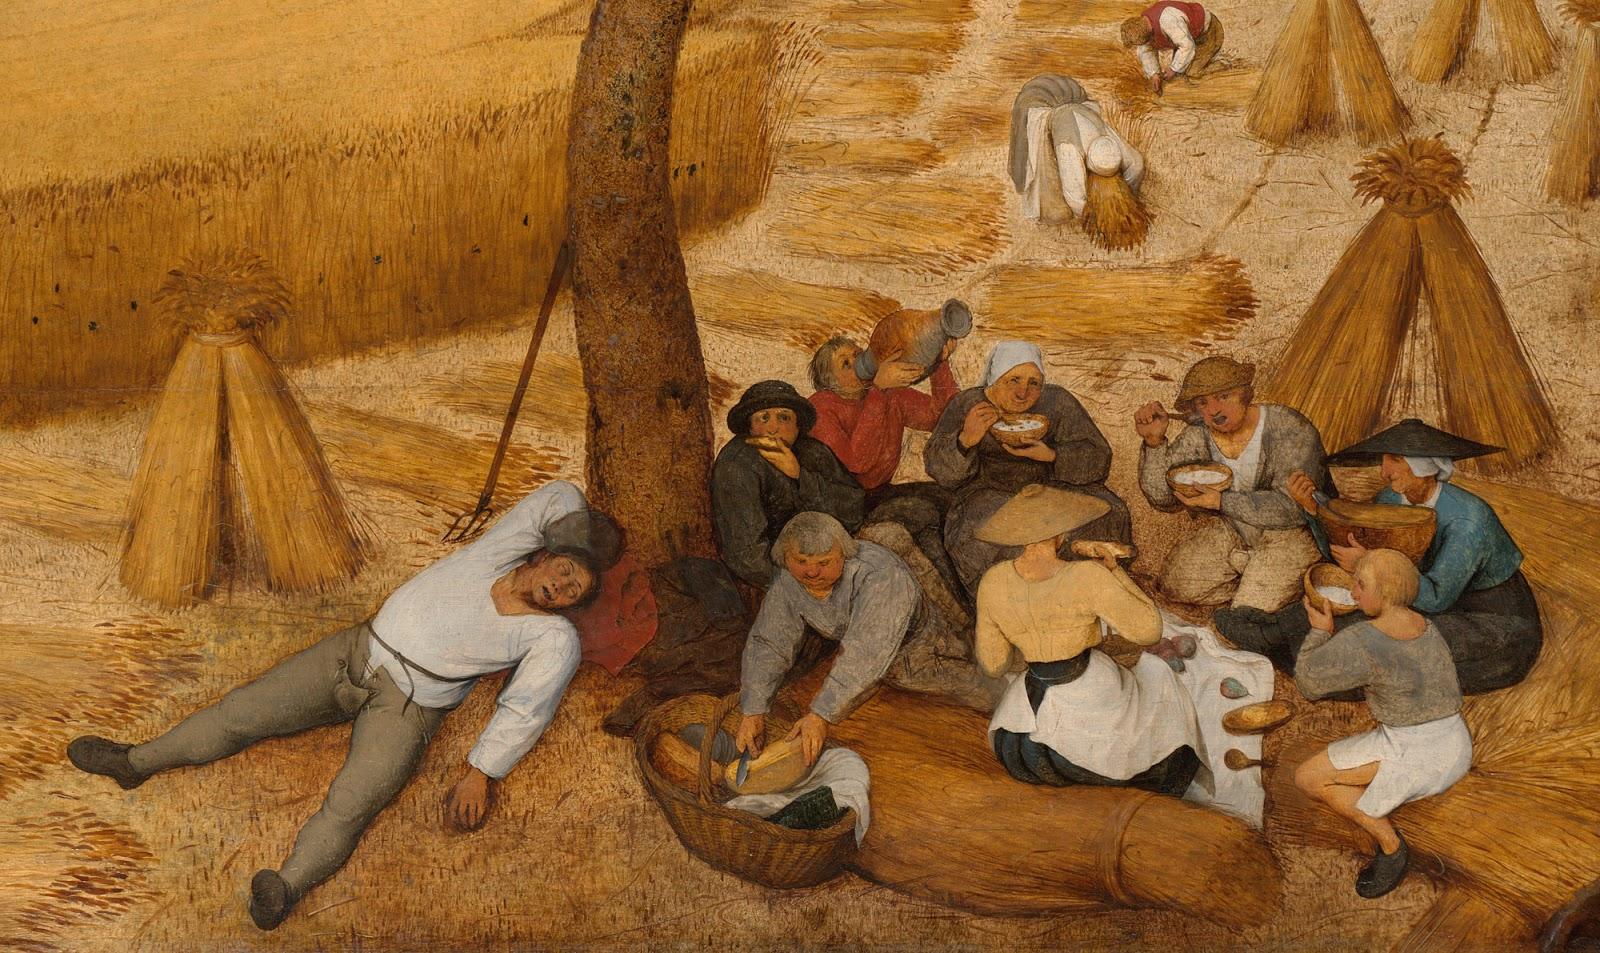 Bruegel painting